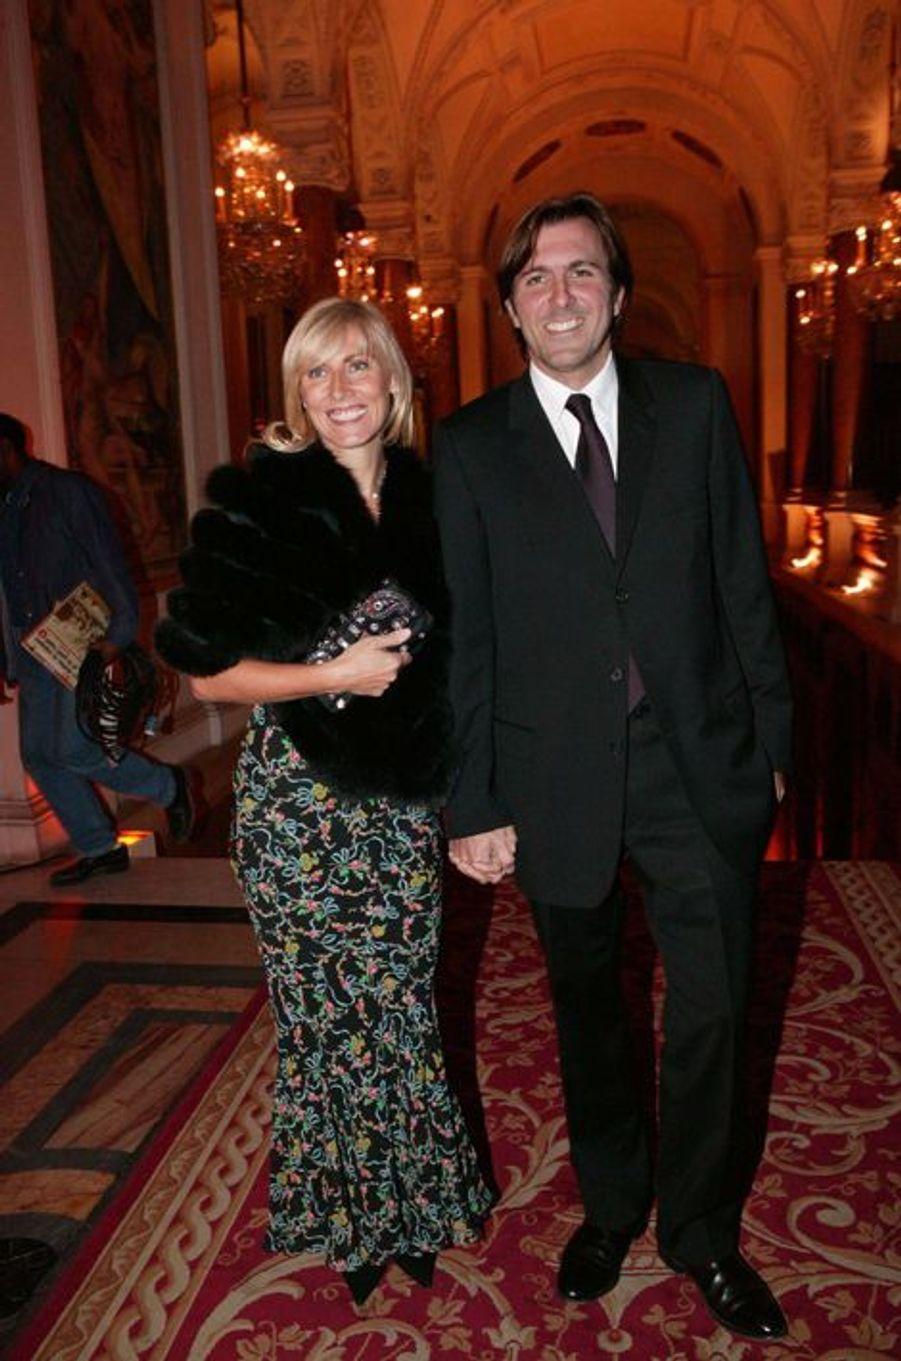 Christophe Lambert et Marie Sarah à la mairie de Paris, en novembre 2004.